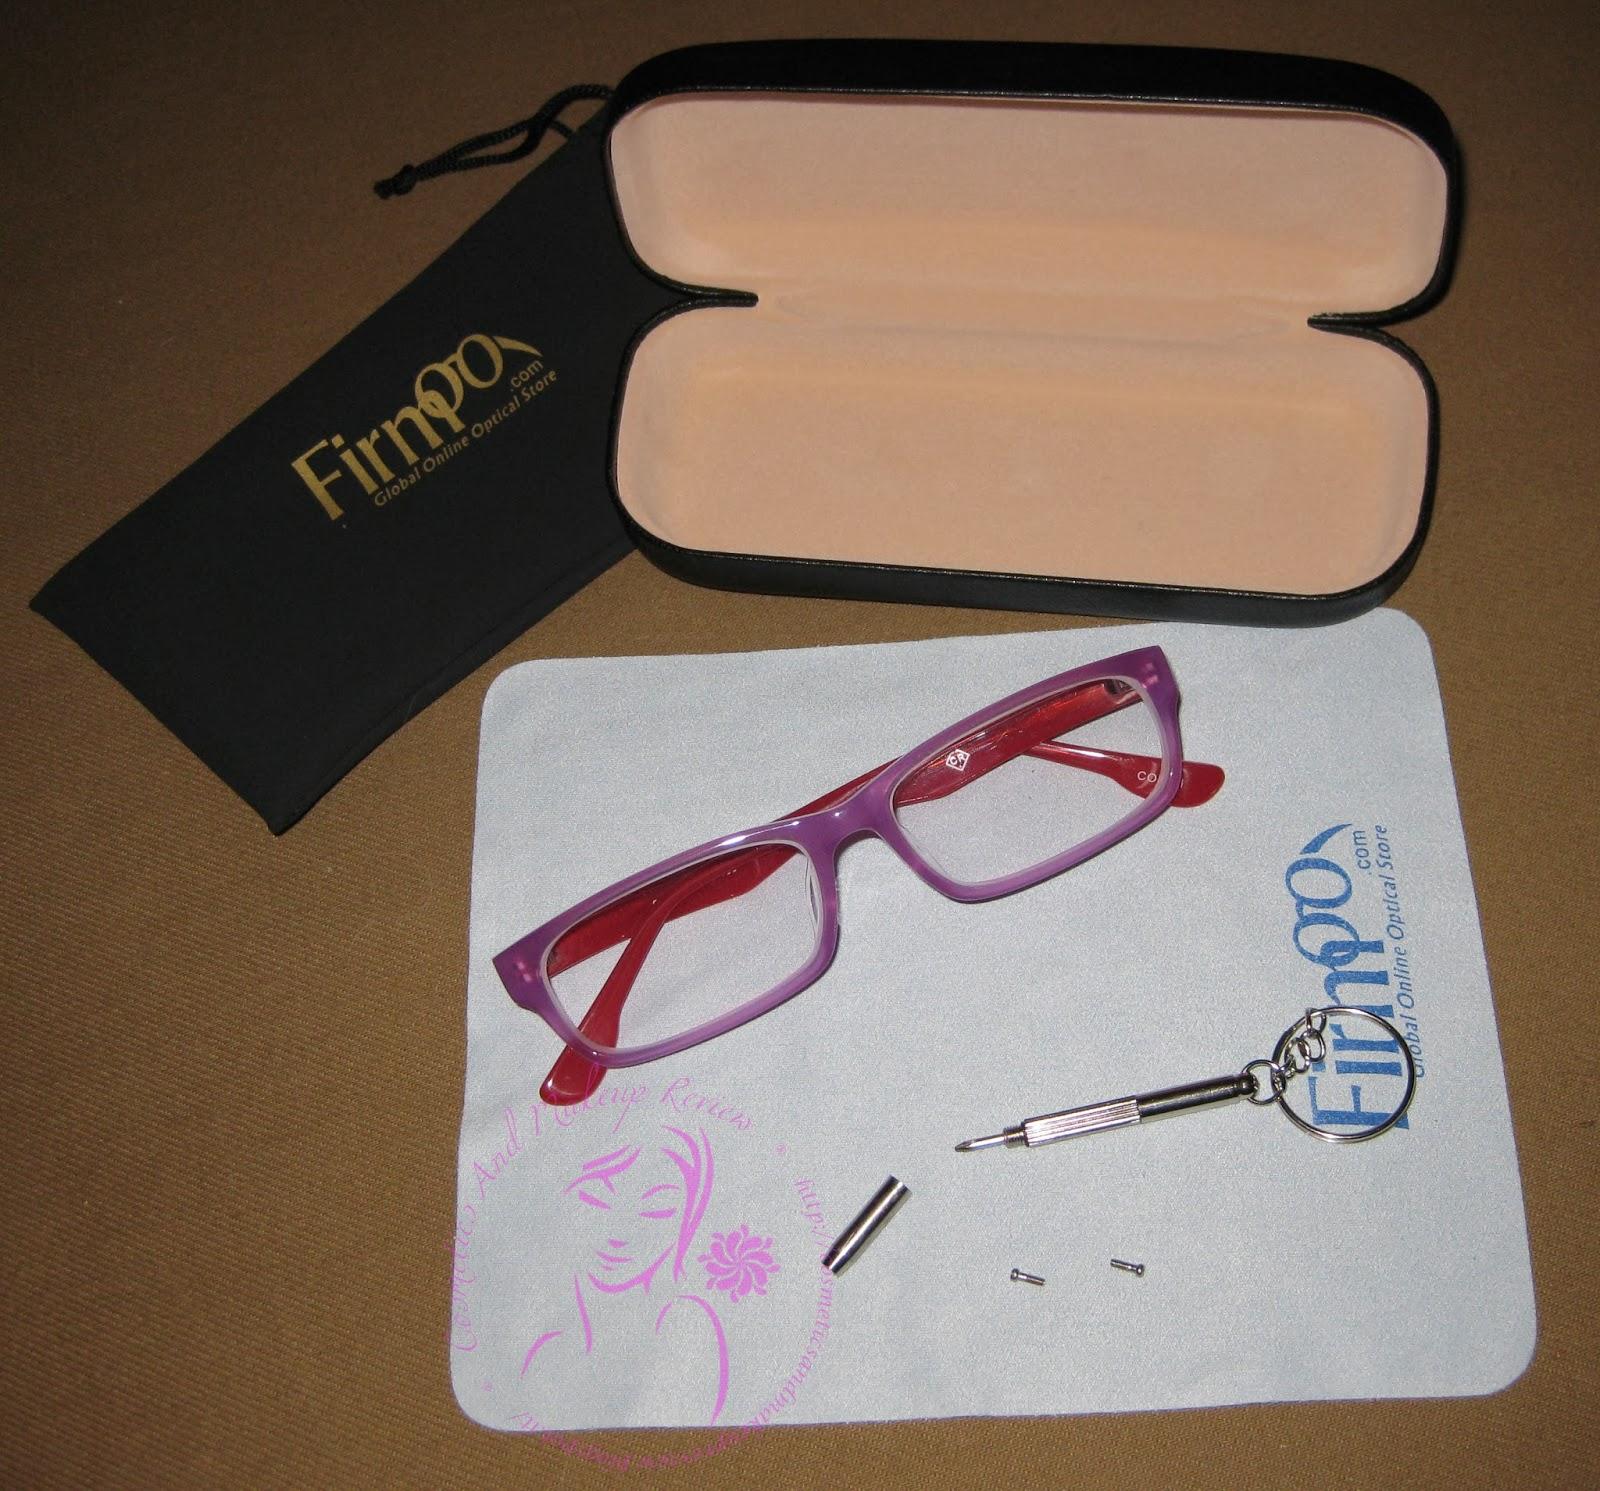 Firmoo - Custodie, panno, kit riparazione e occhiali